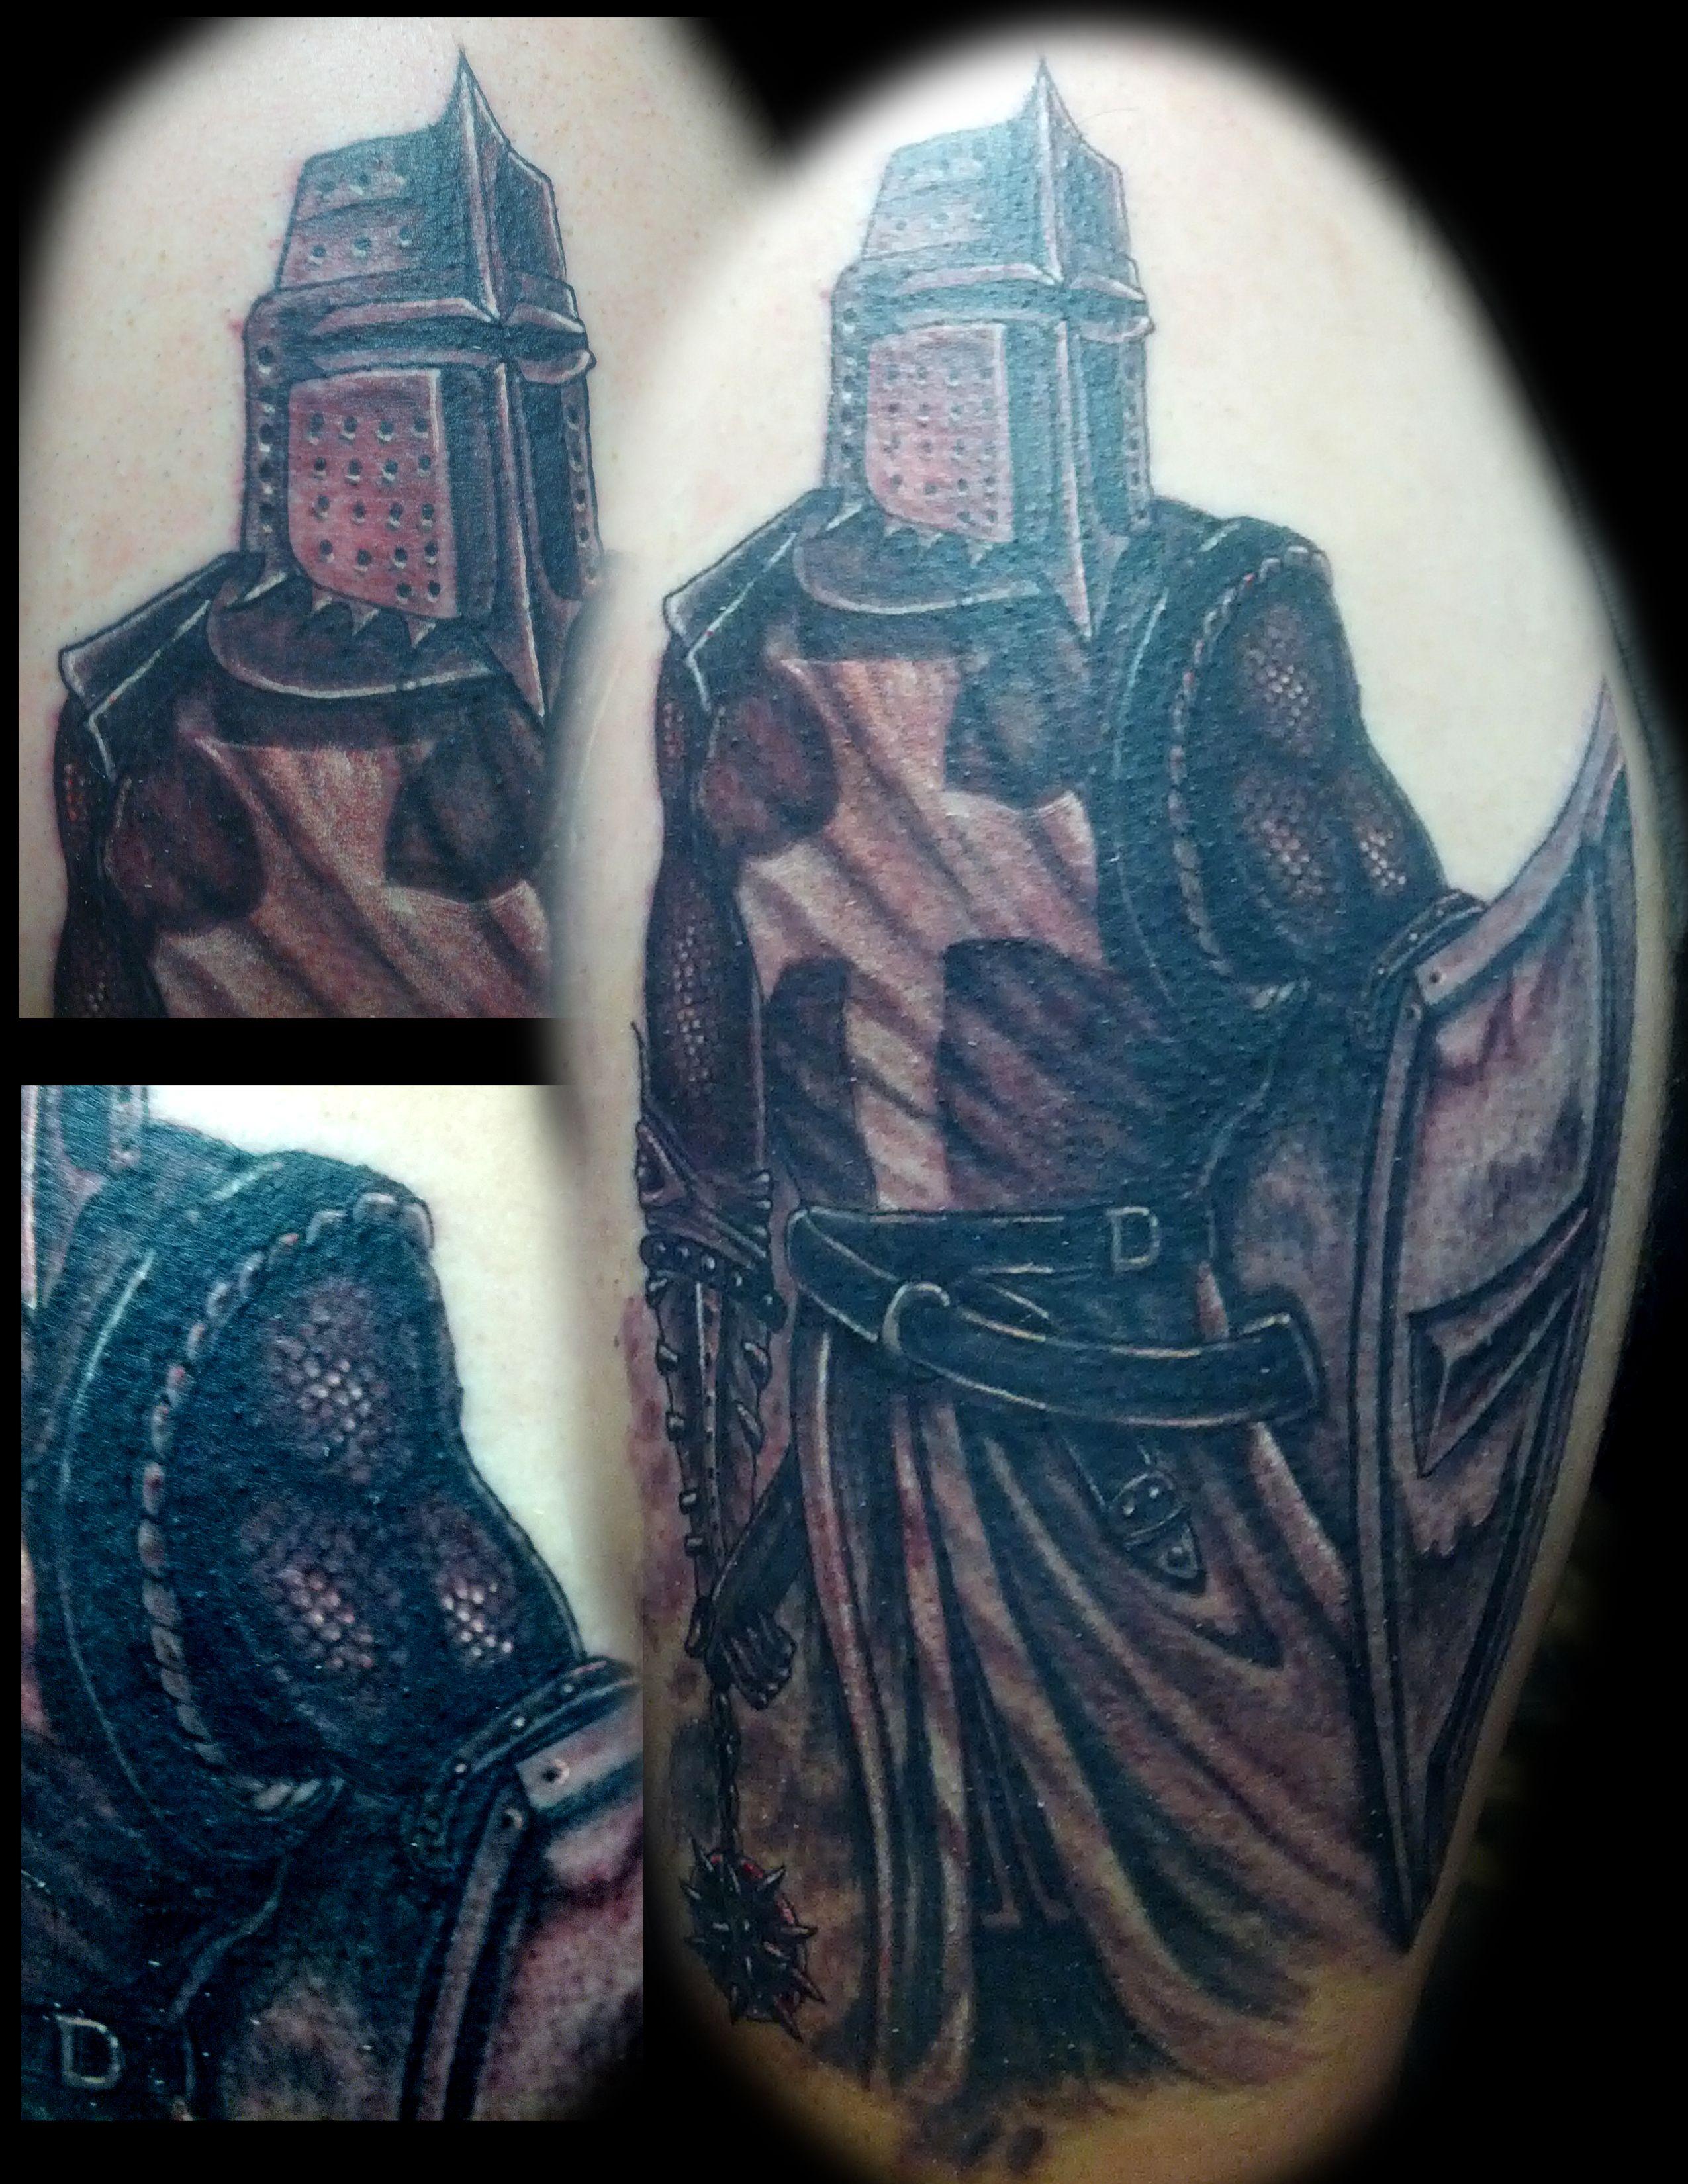 Templar Knight Knight Tattoo Boneface Ink Ink Addiction Matt